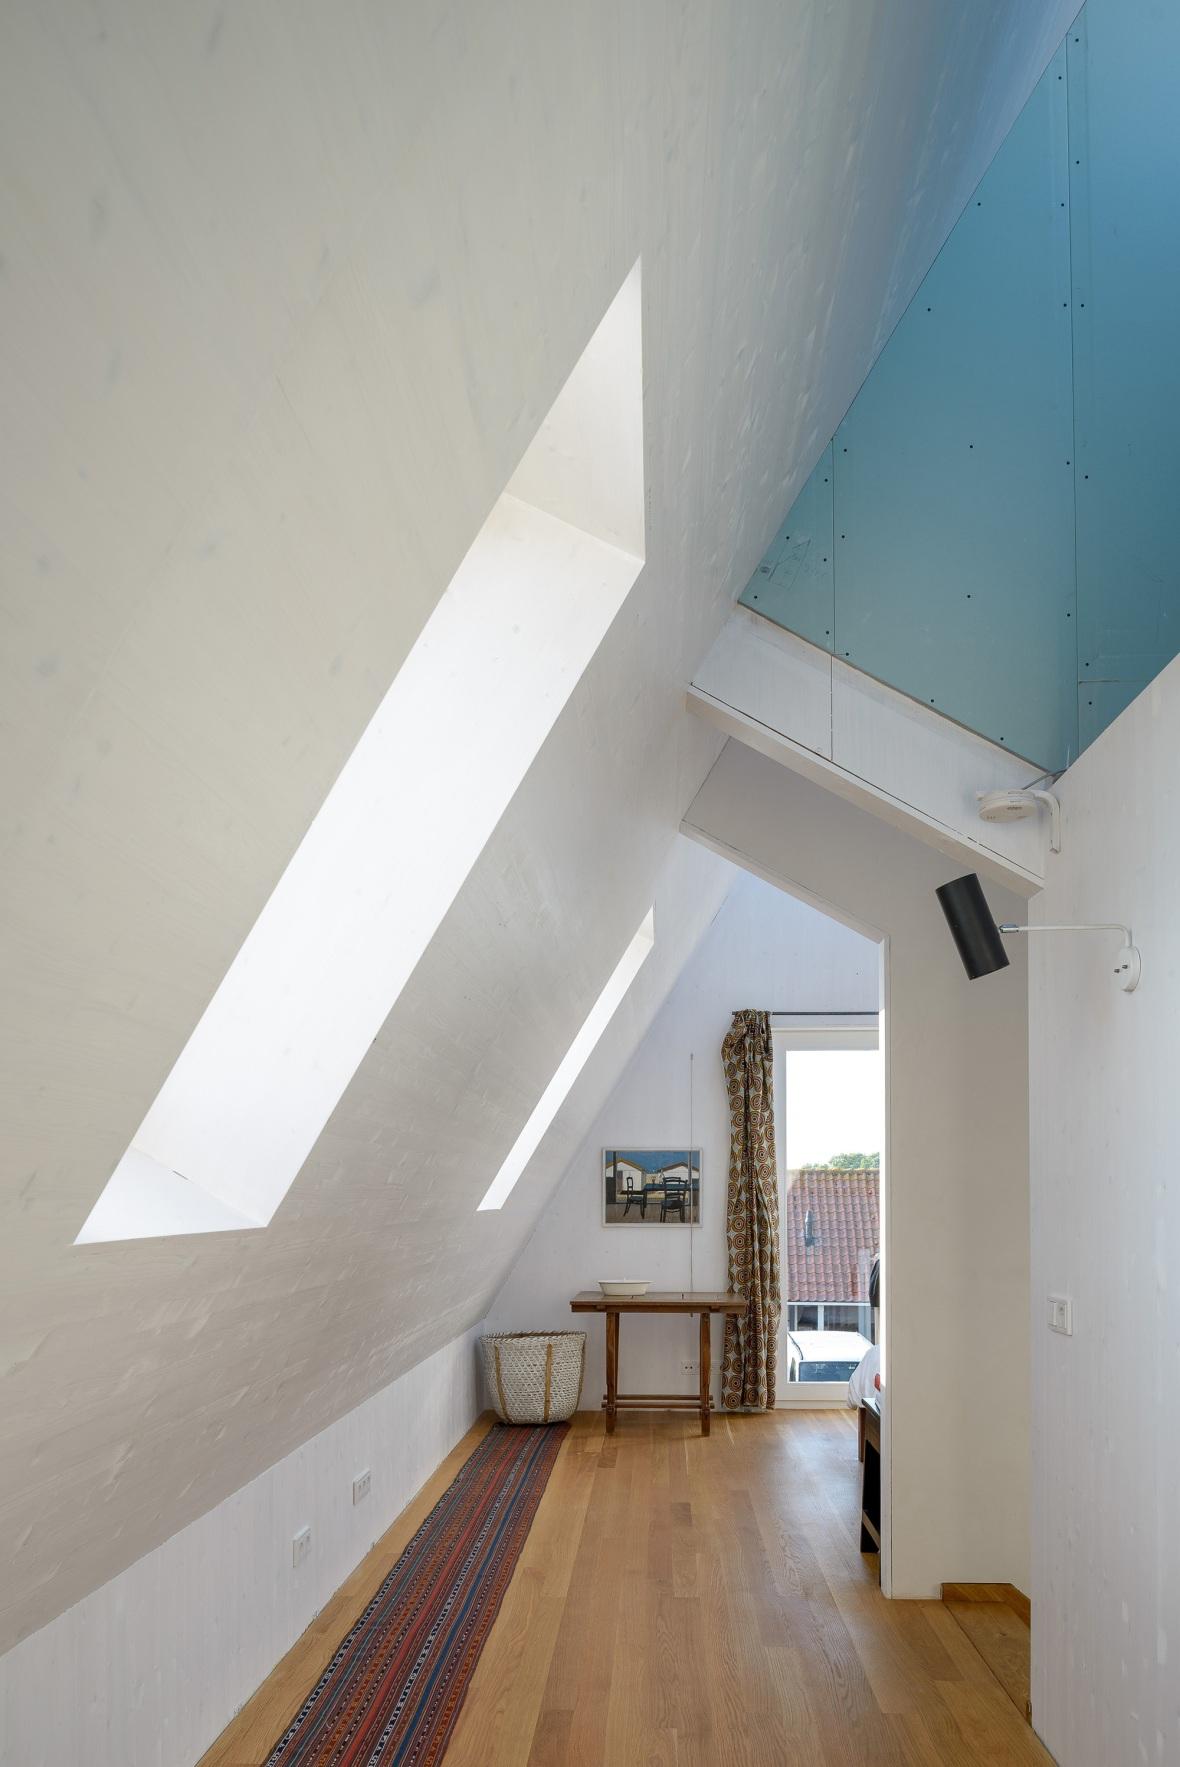 52ddffd6e8e44e9f140000b3_casa moderna la tara _ Arhipura